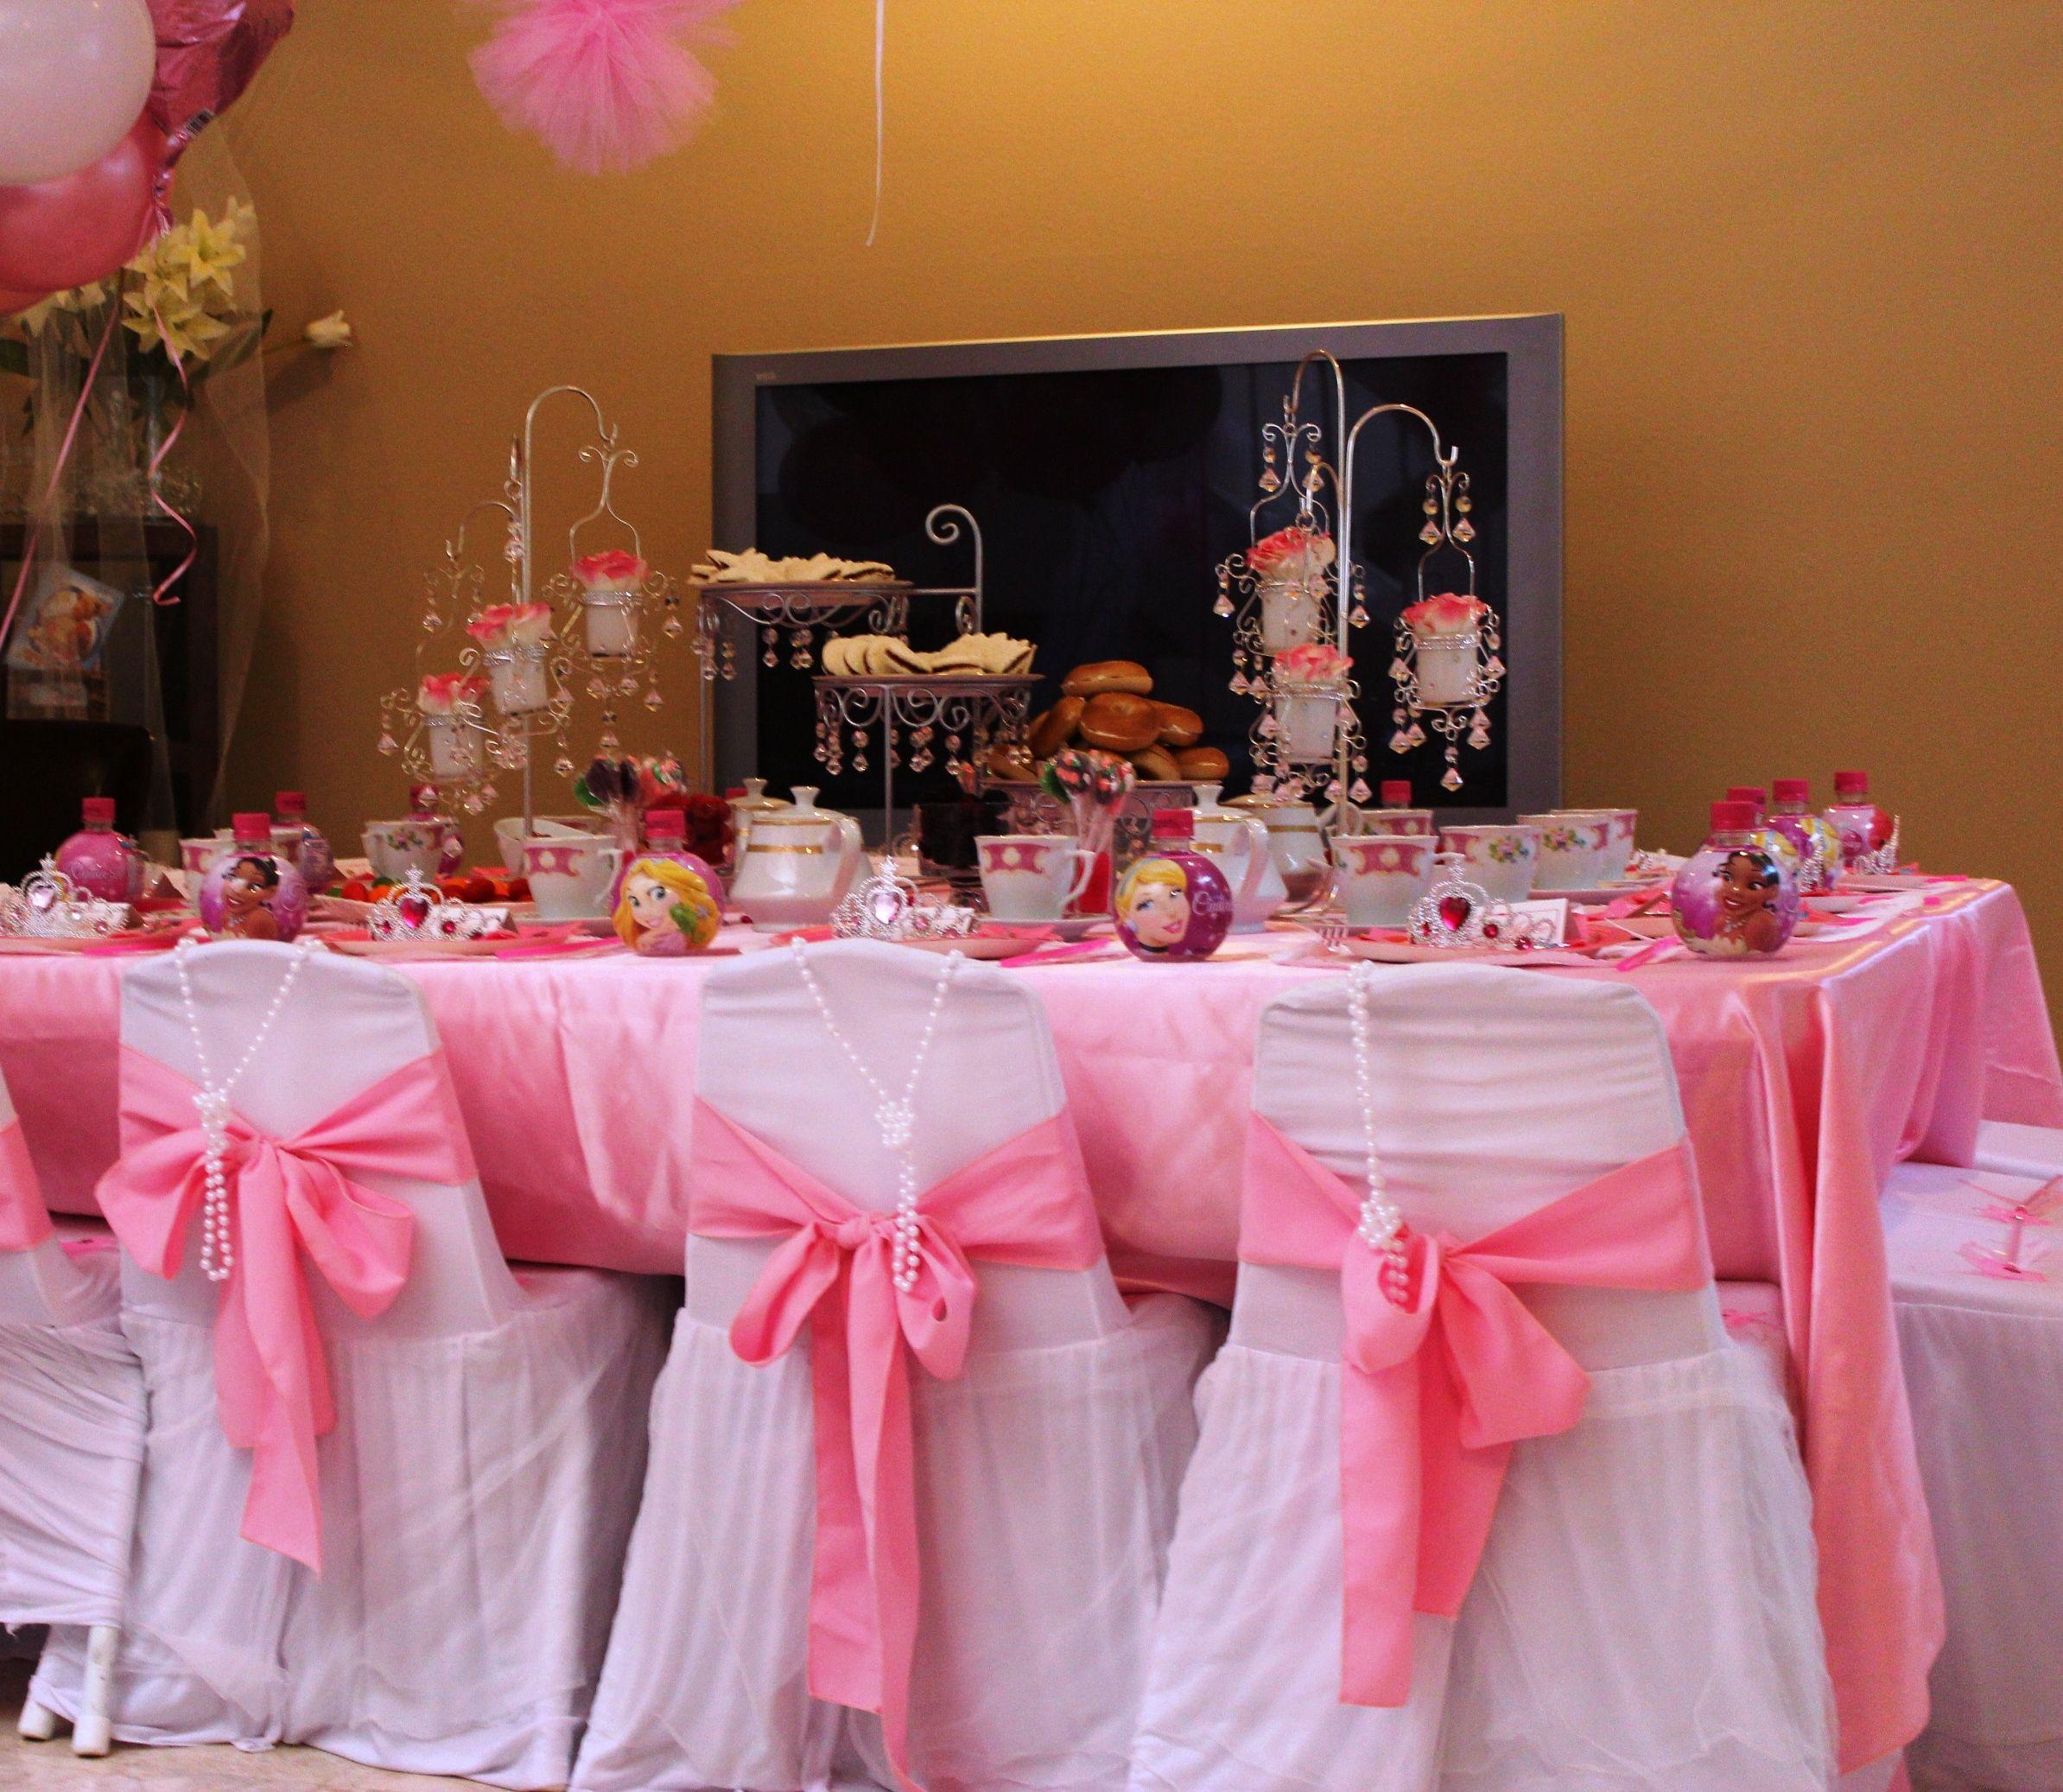 Marvelous Princess Theme Party Decoration Ideas Part - 4: The Most Popular Theme: Princess Tea Party